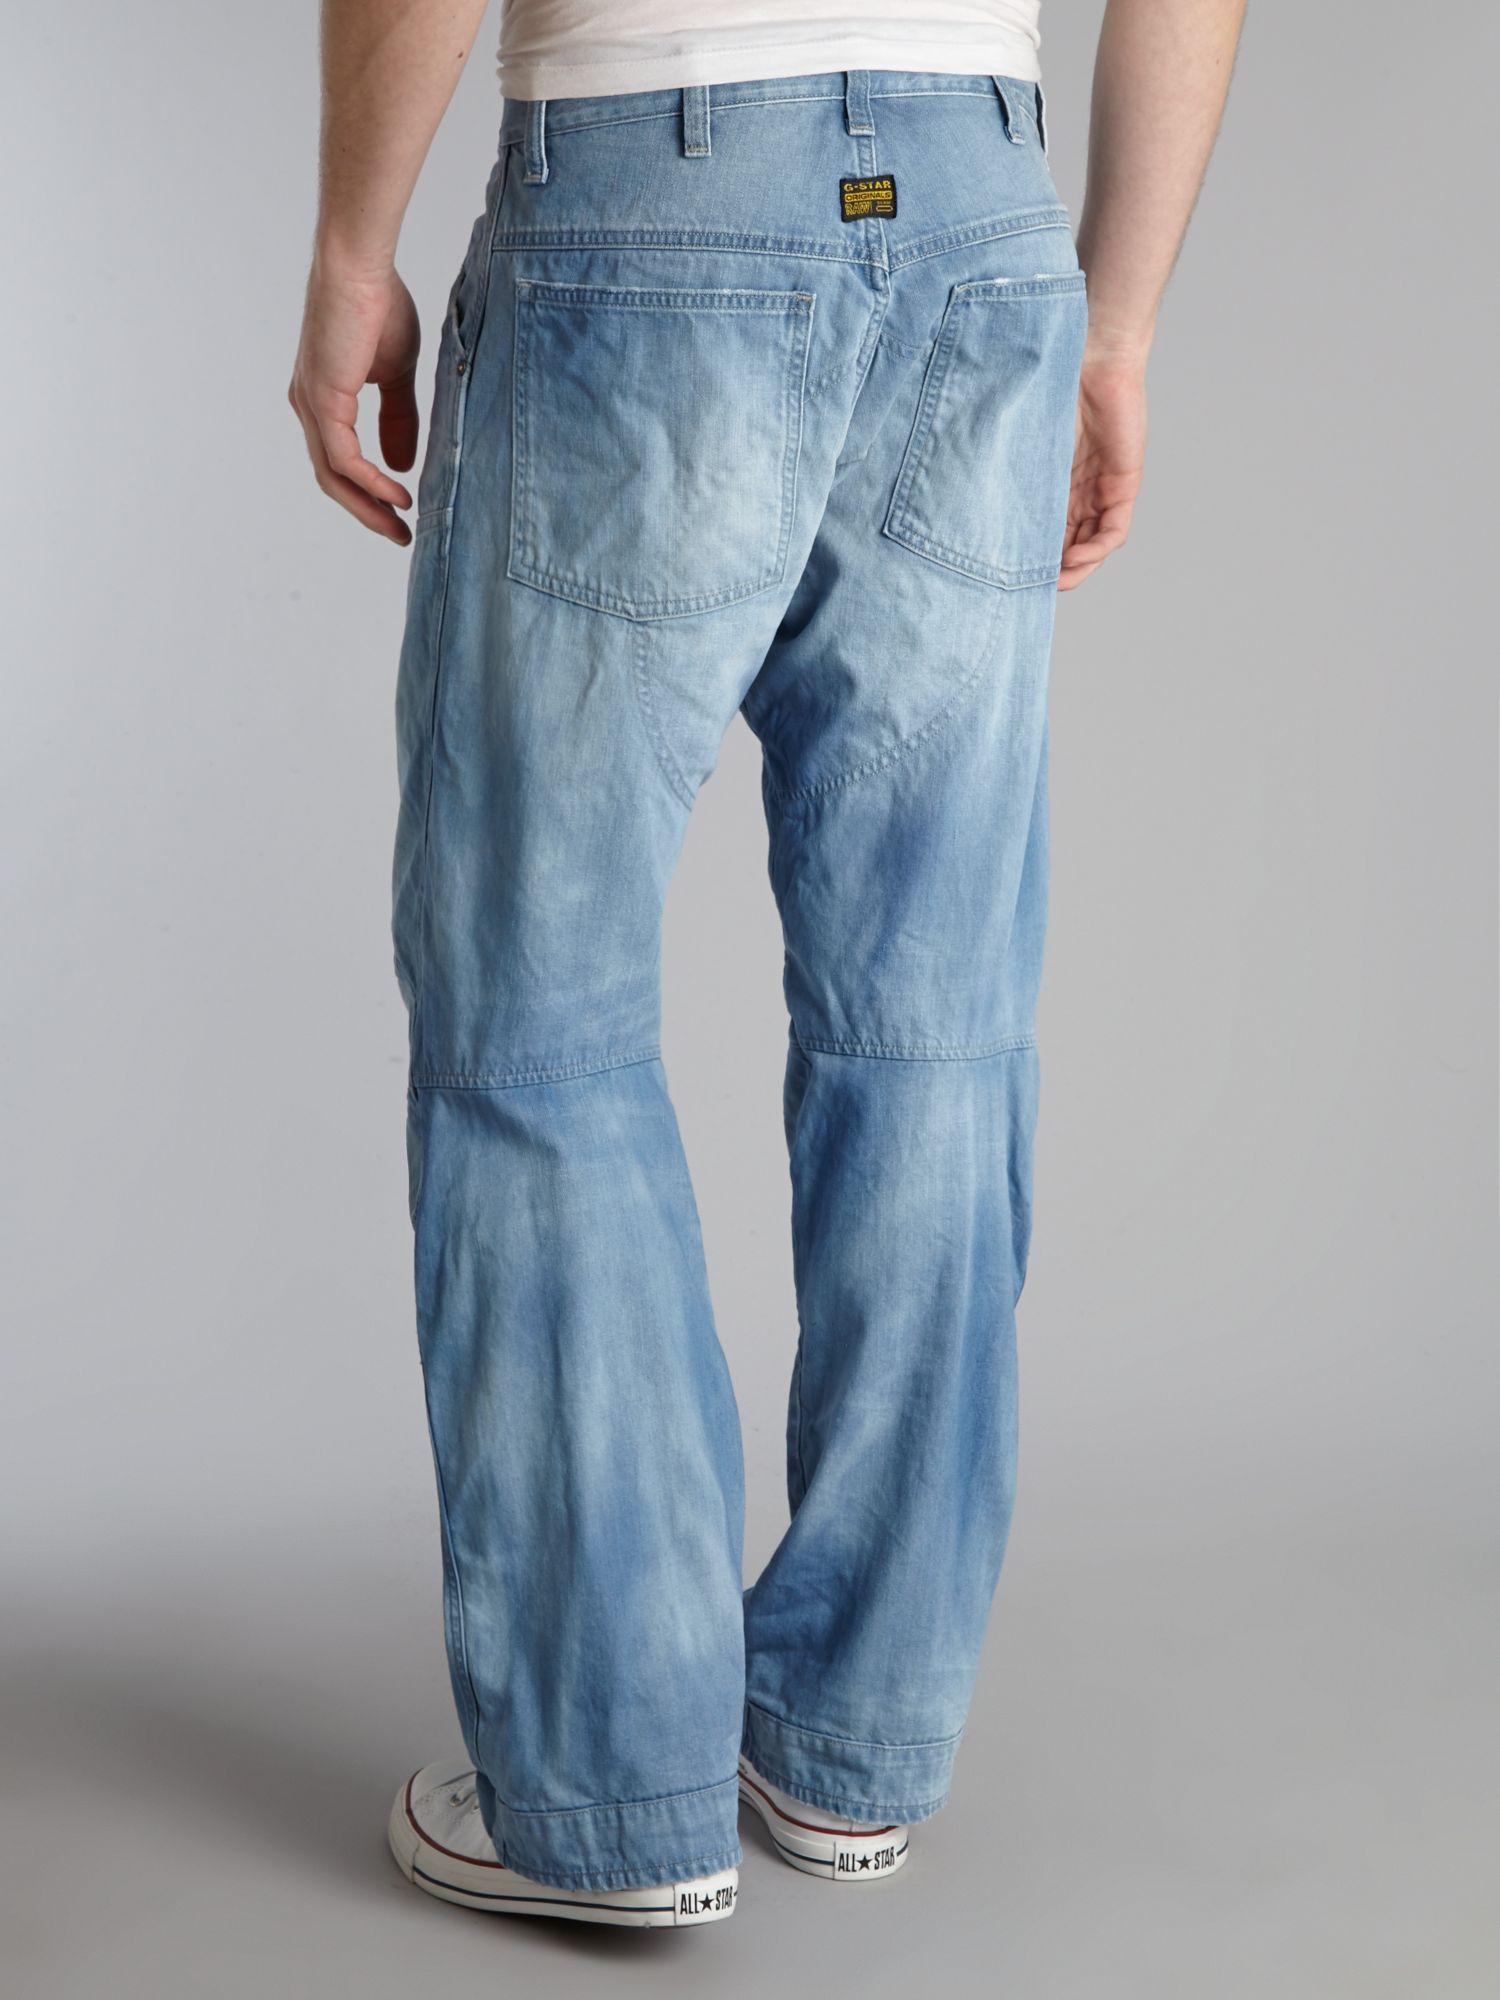 g star raw loose fit denim jean in blue for men lyst. Black Bedroom Furniture Sets. Home Design Ideas